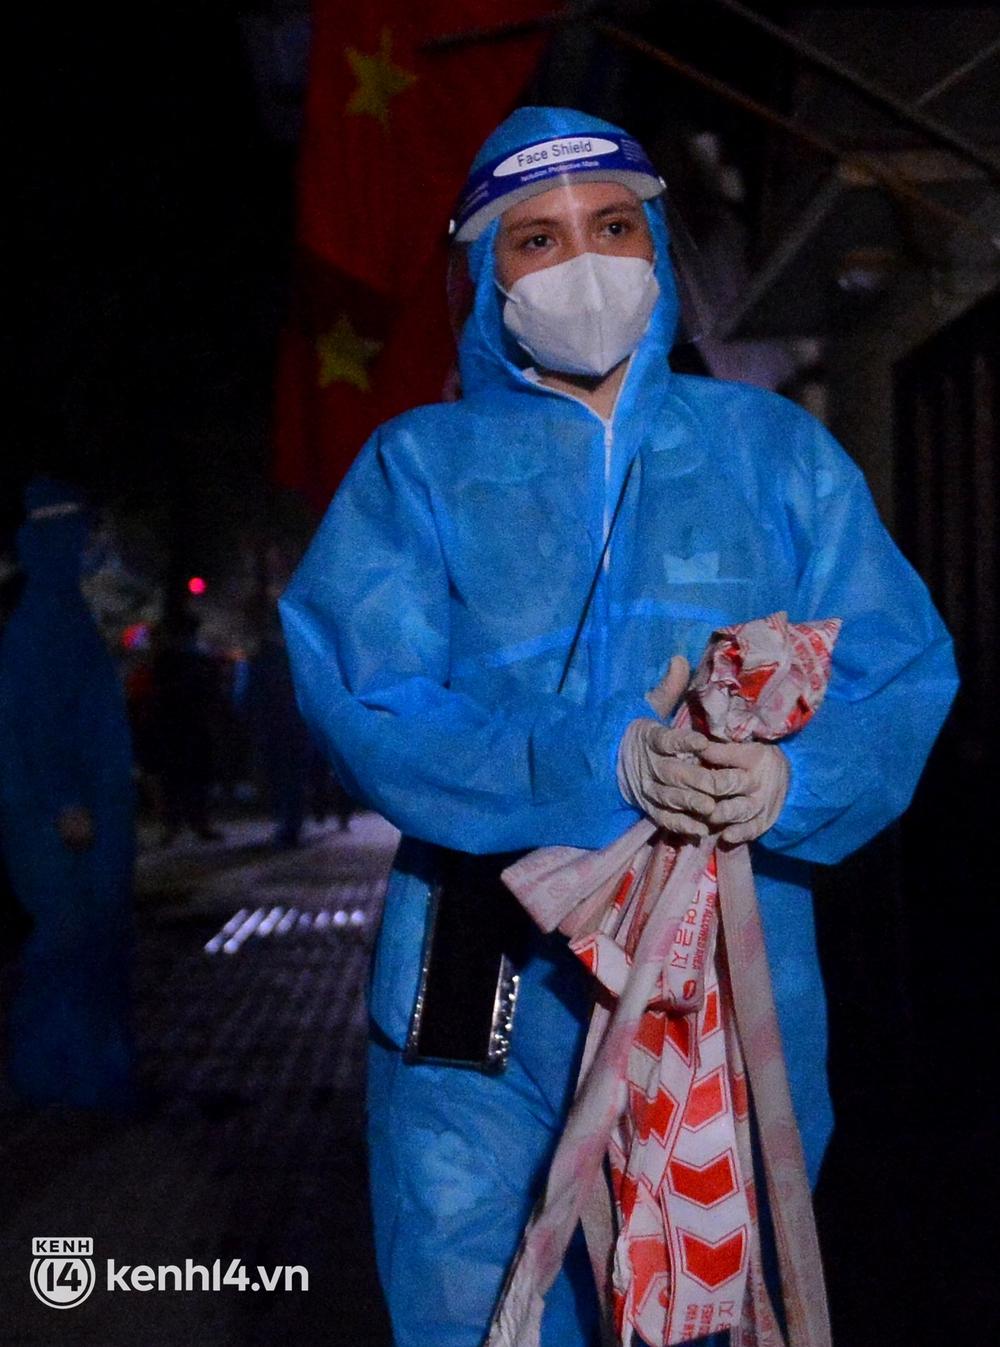 Hà Nội gỡ phong tỏa ổ dịch Thanh Xuân Trung: Người dân phấn khởi, nhân viên y tế bật khóc, ôm chầm lấy nhau vì hạnh phúc - Ảnh 5.